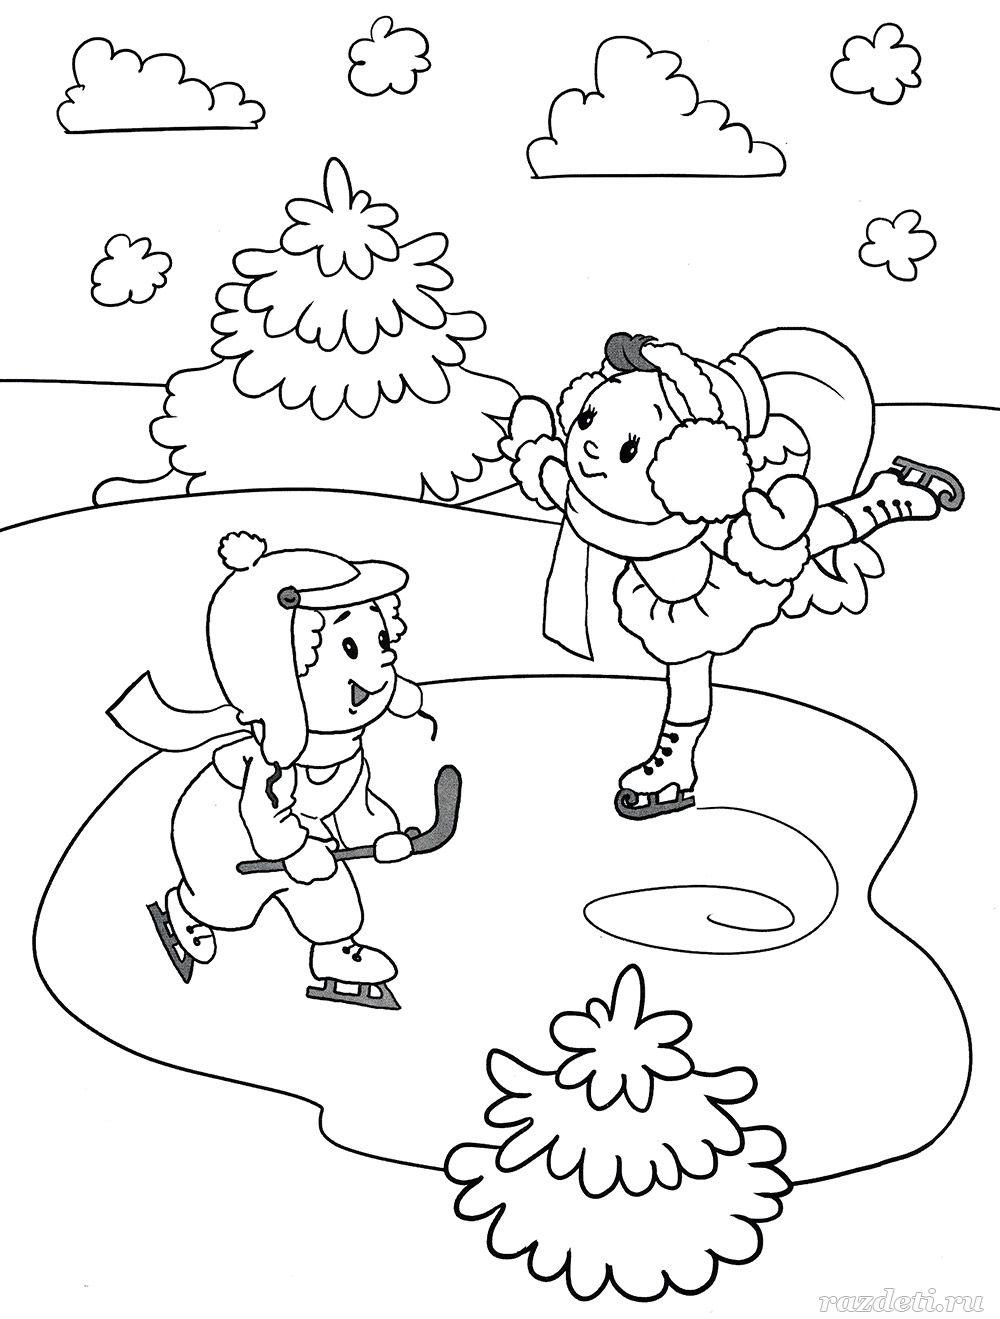 называются картинки раскраски на тему зимние забавы такой обработки